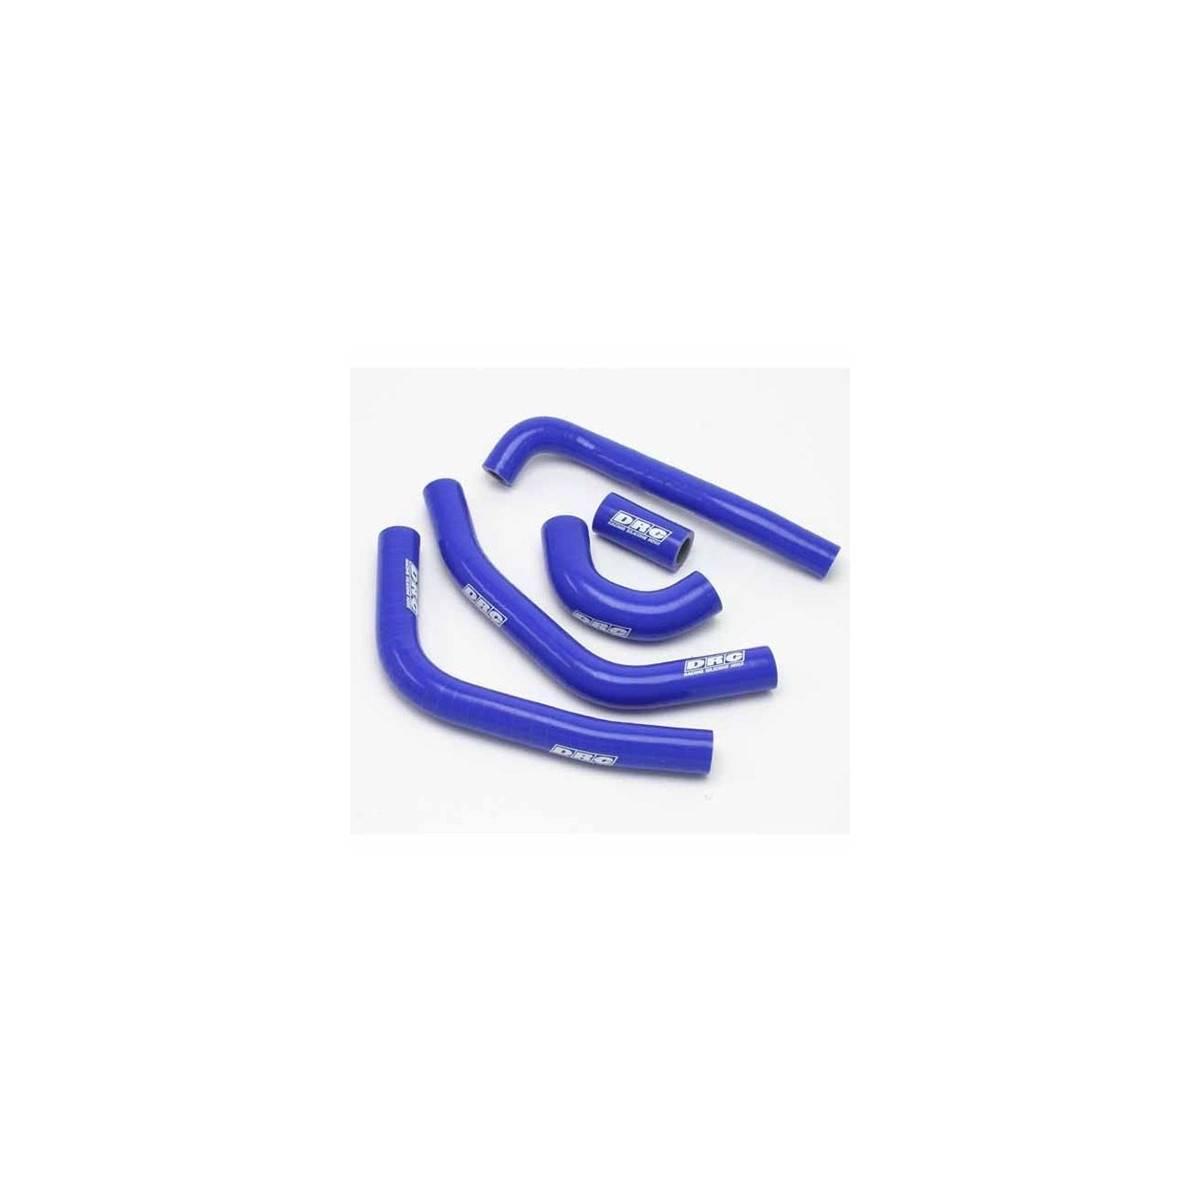 D47.01.992 - Kit Manguitos Radiador Tc250 300 ´14- Azul